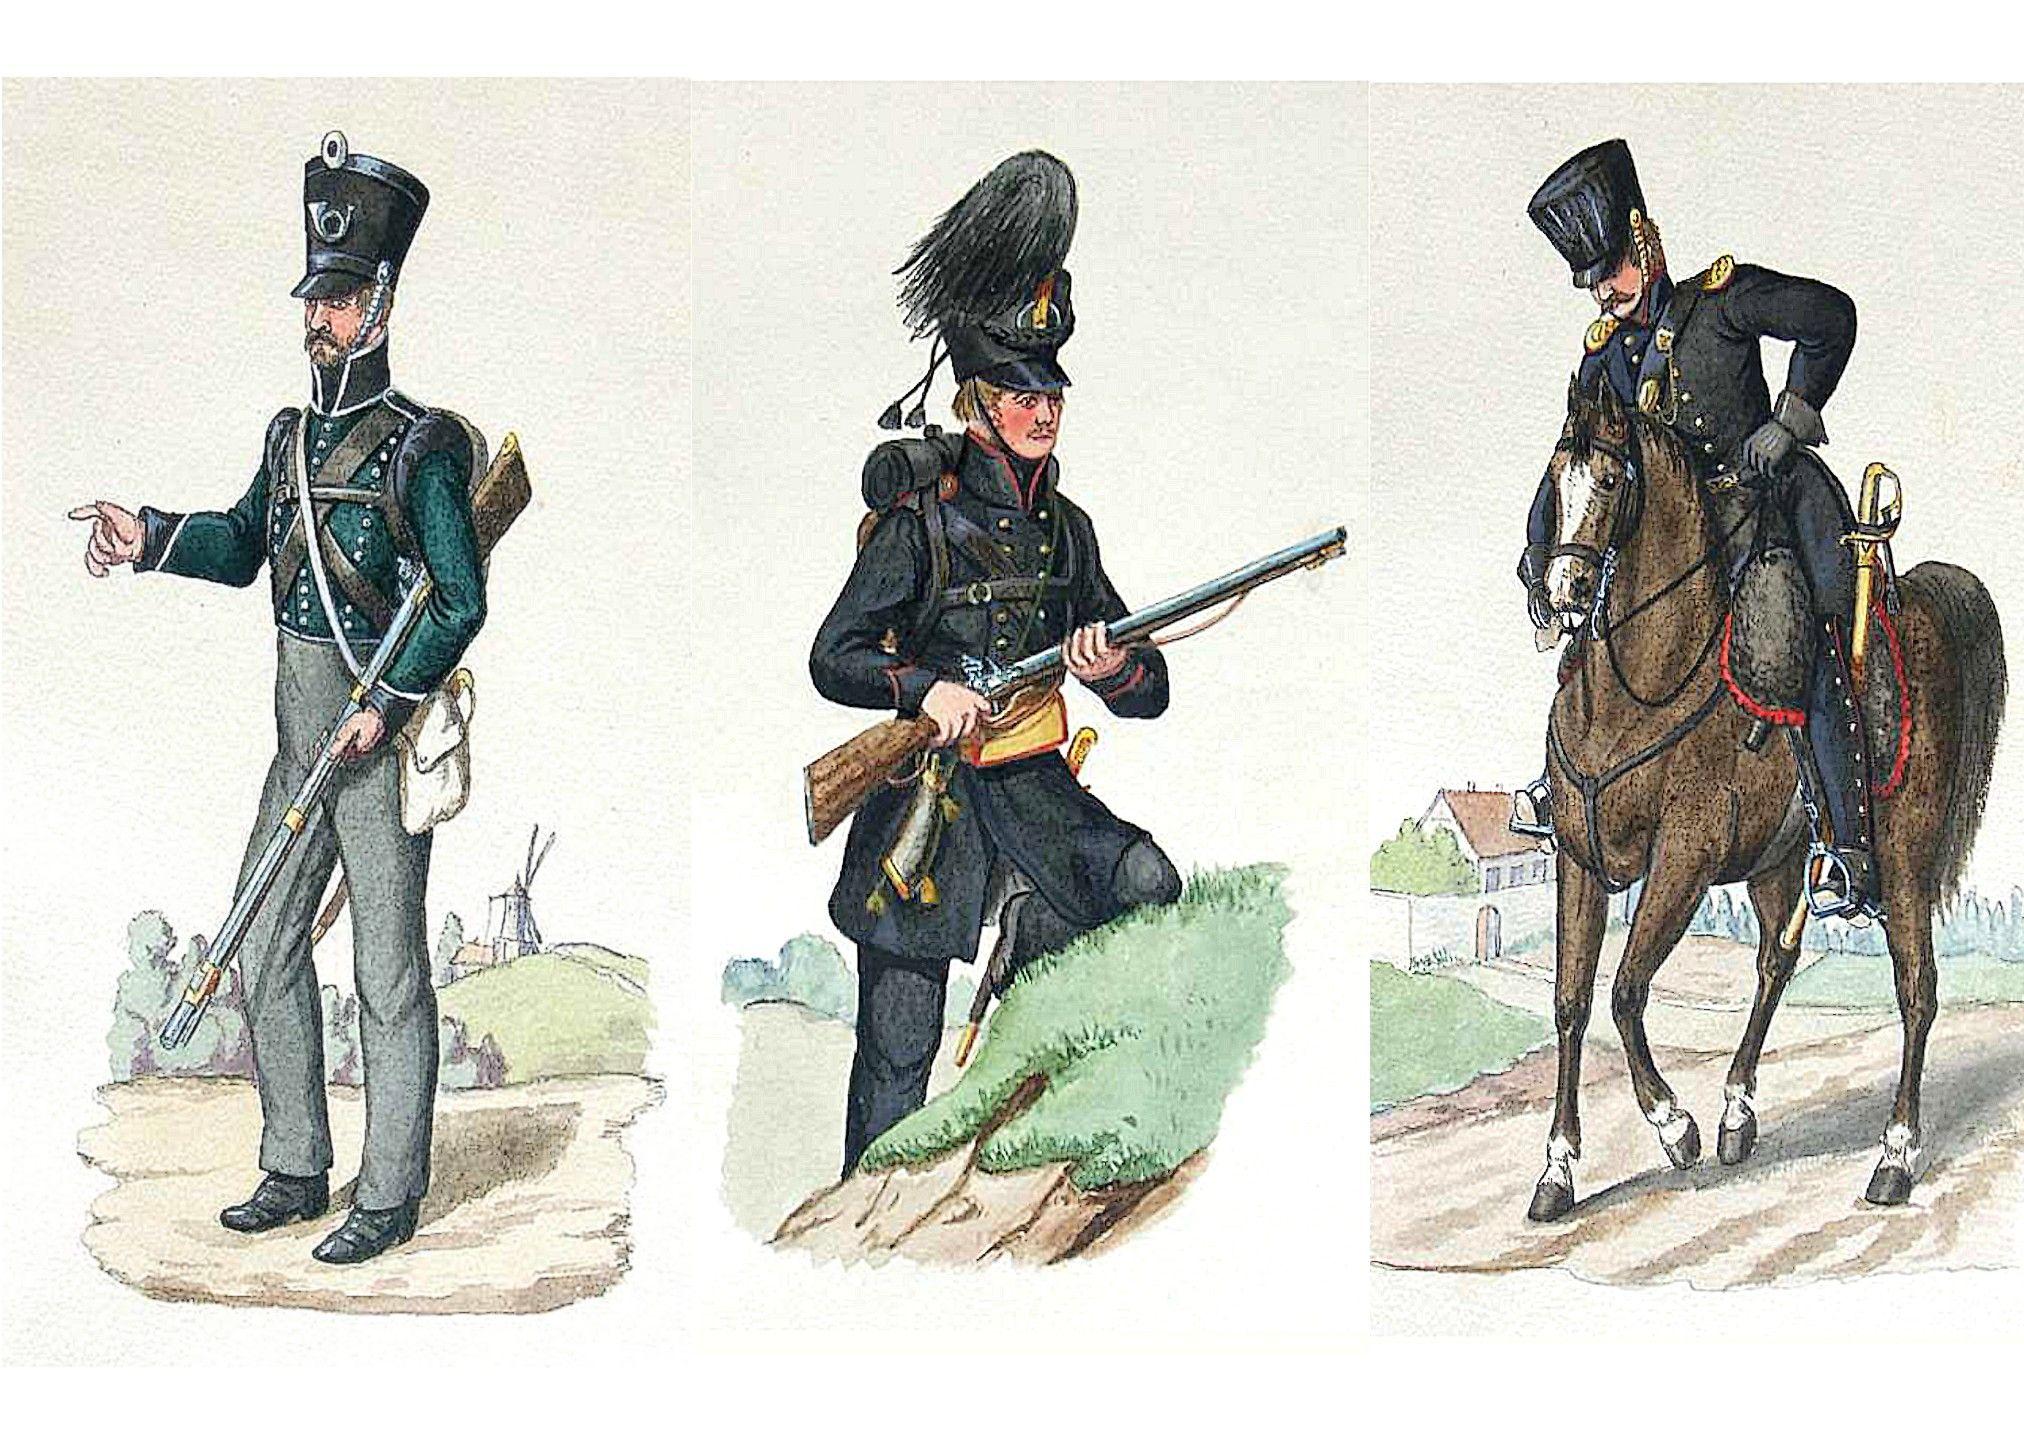 von Hellwig-sches Freikorps- errichtet im April 1813-Jager vom Lutzow-schen Freikorps 1813-1815-Reitender Jäger vom Lützow'schen Freikorps